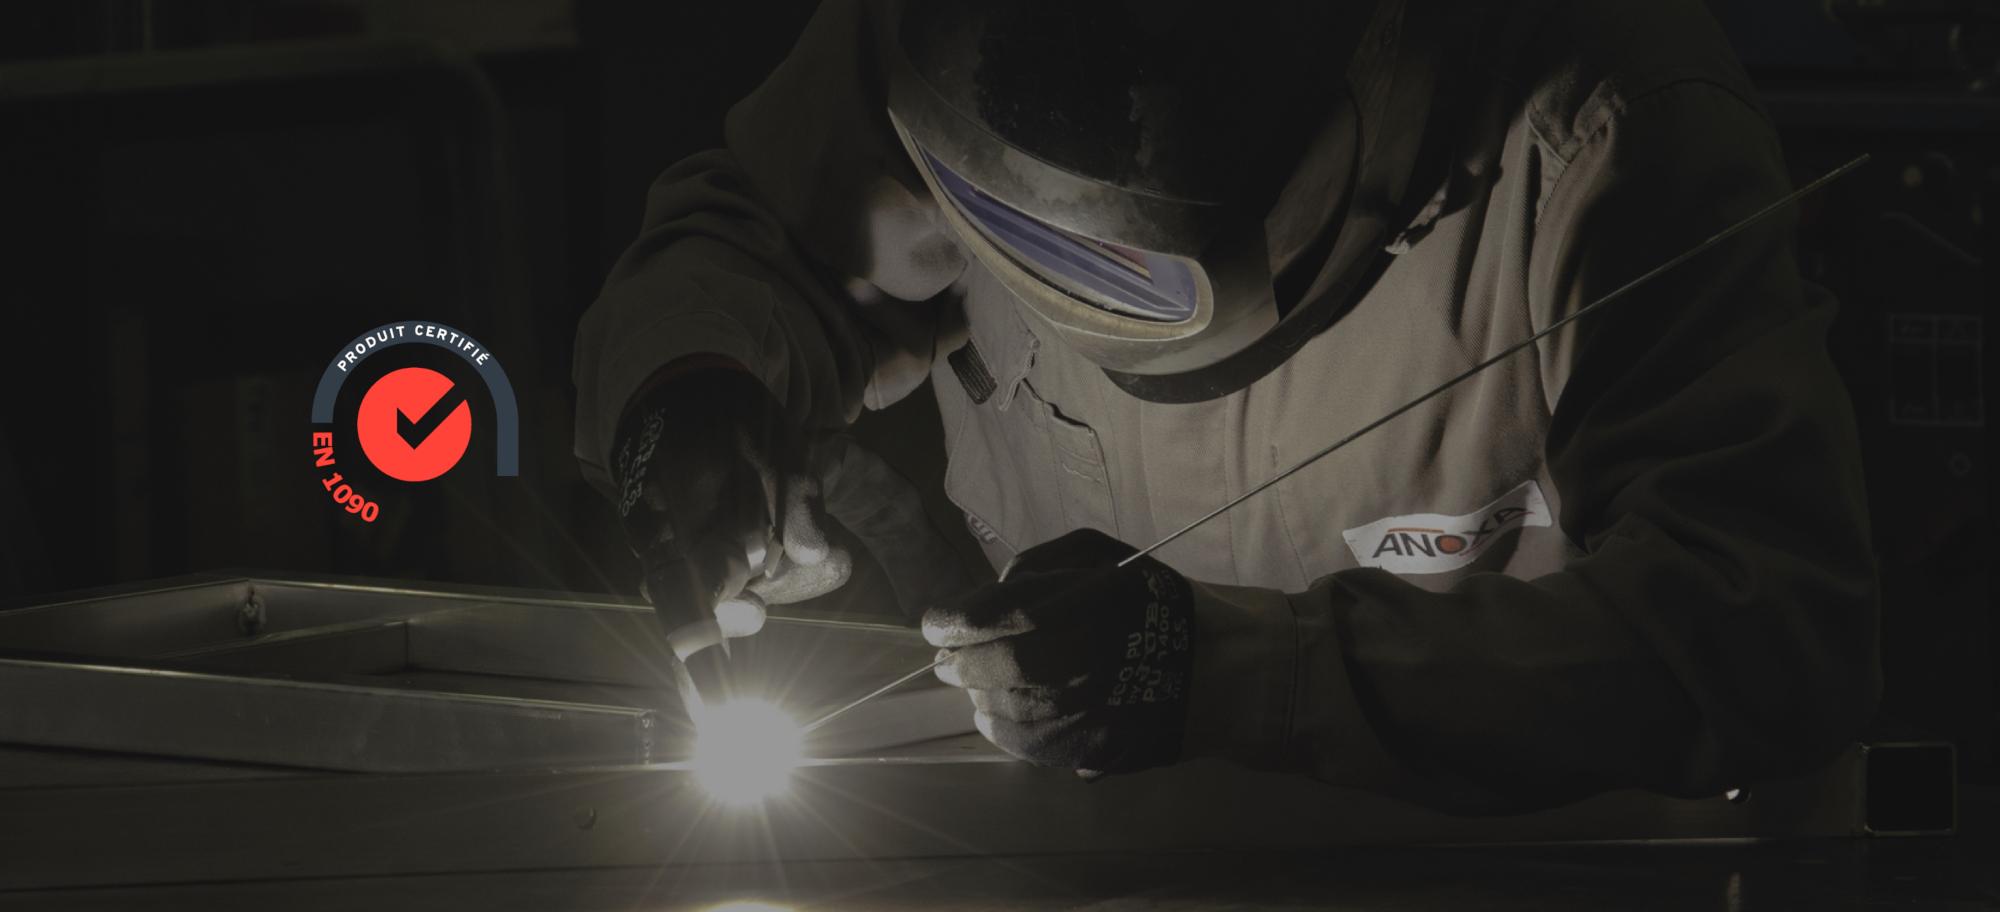 Produits fabriqués en aluminium, acier, inox 304L ou inox 316L